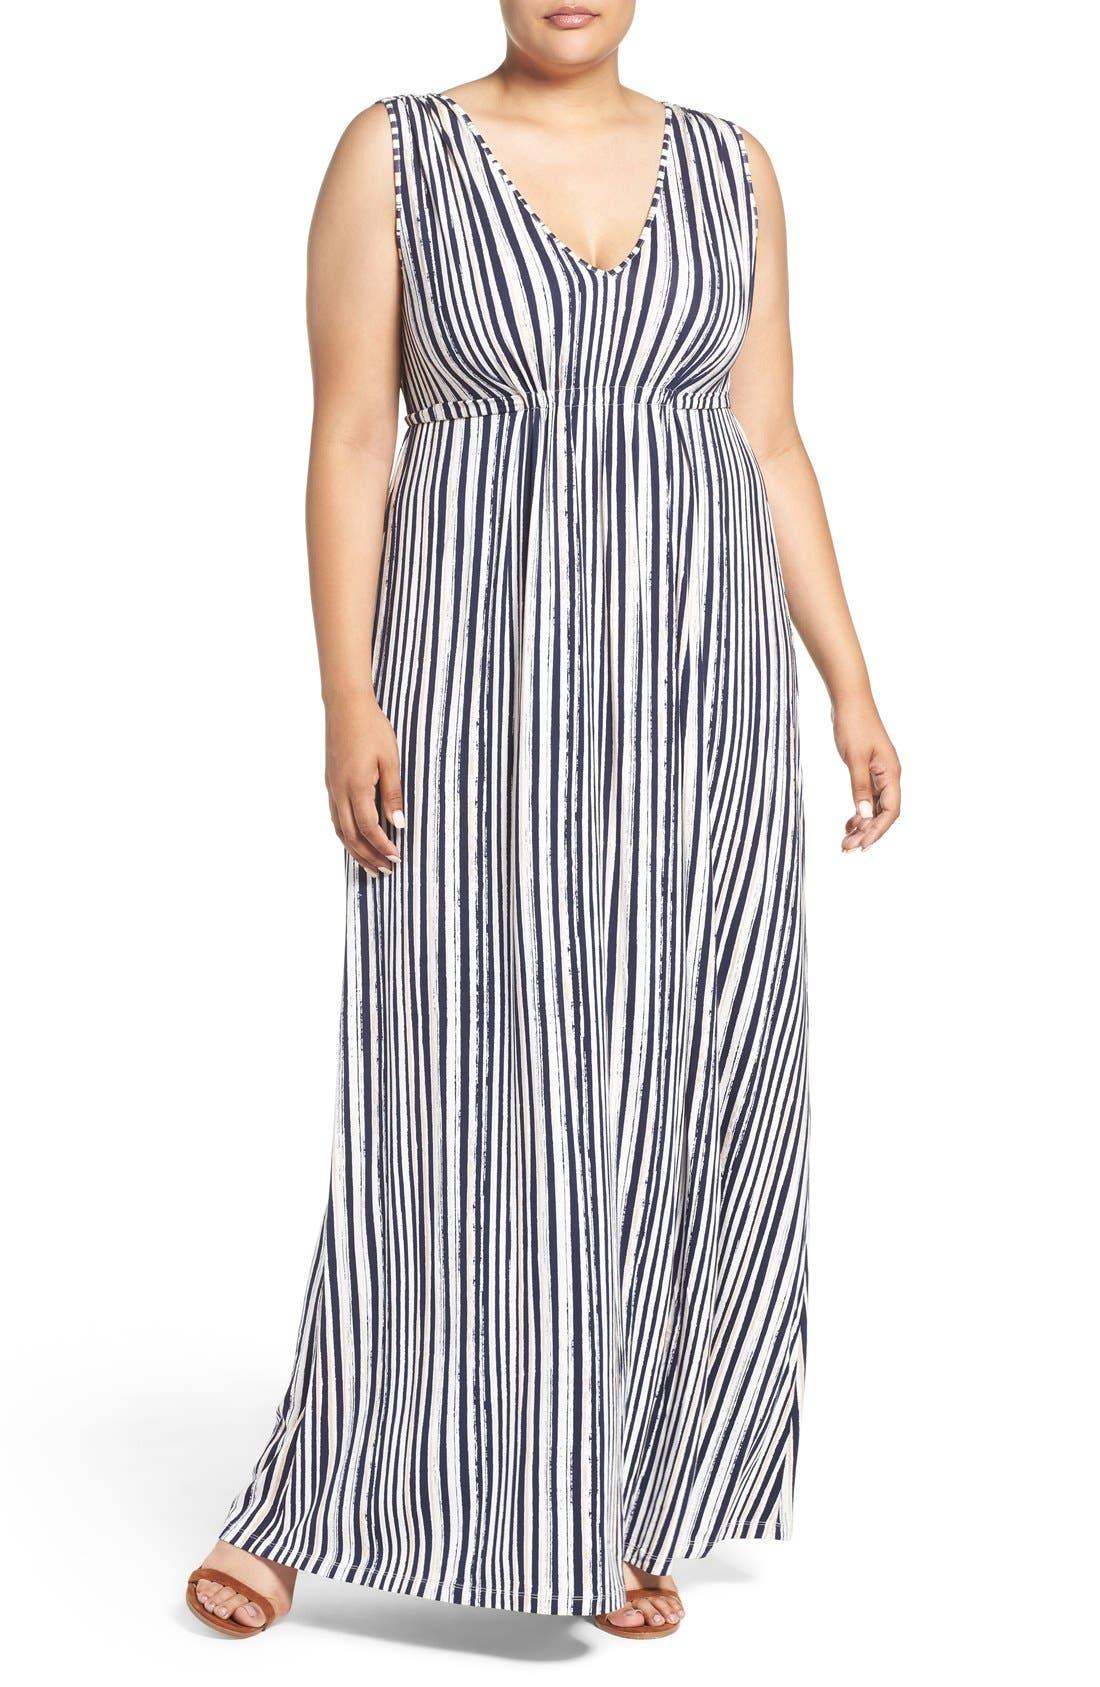 Grecia Sleeveless Jersey Maxi Dress,                             Main thumbnail 3, color,